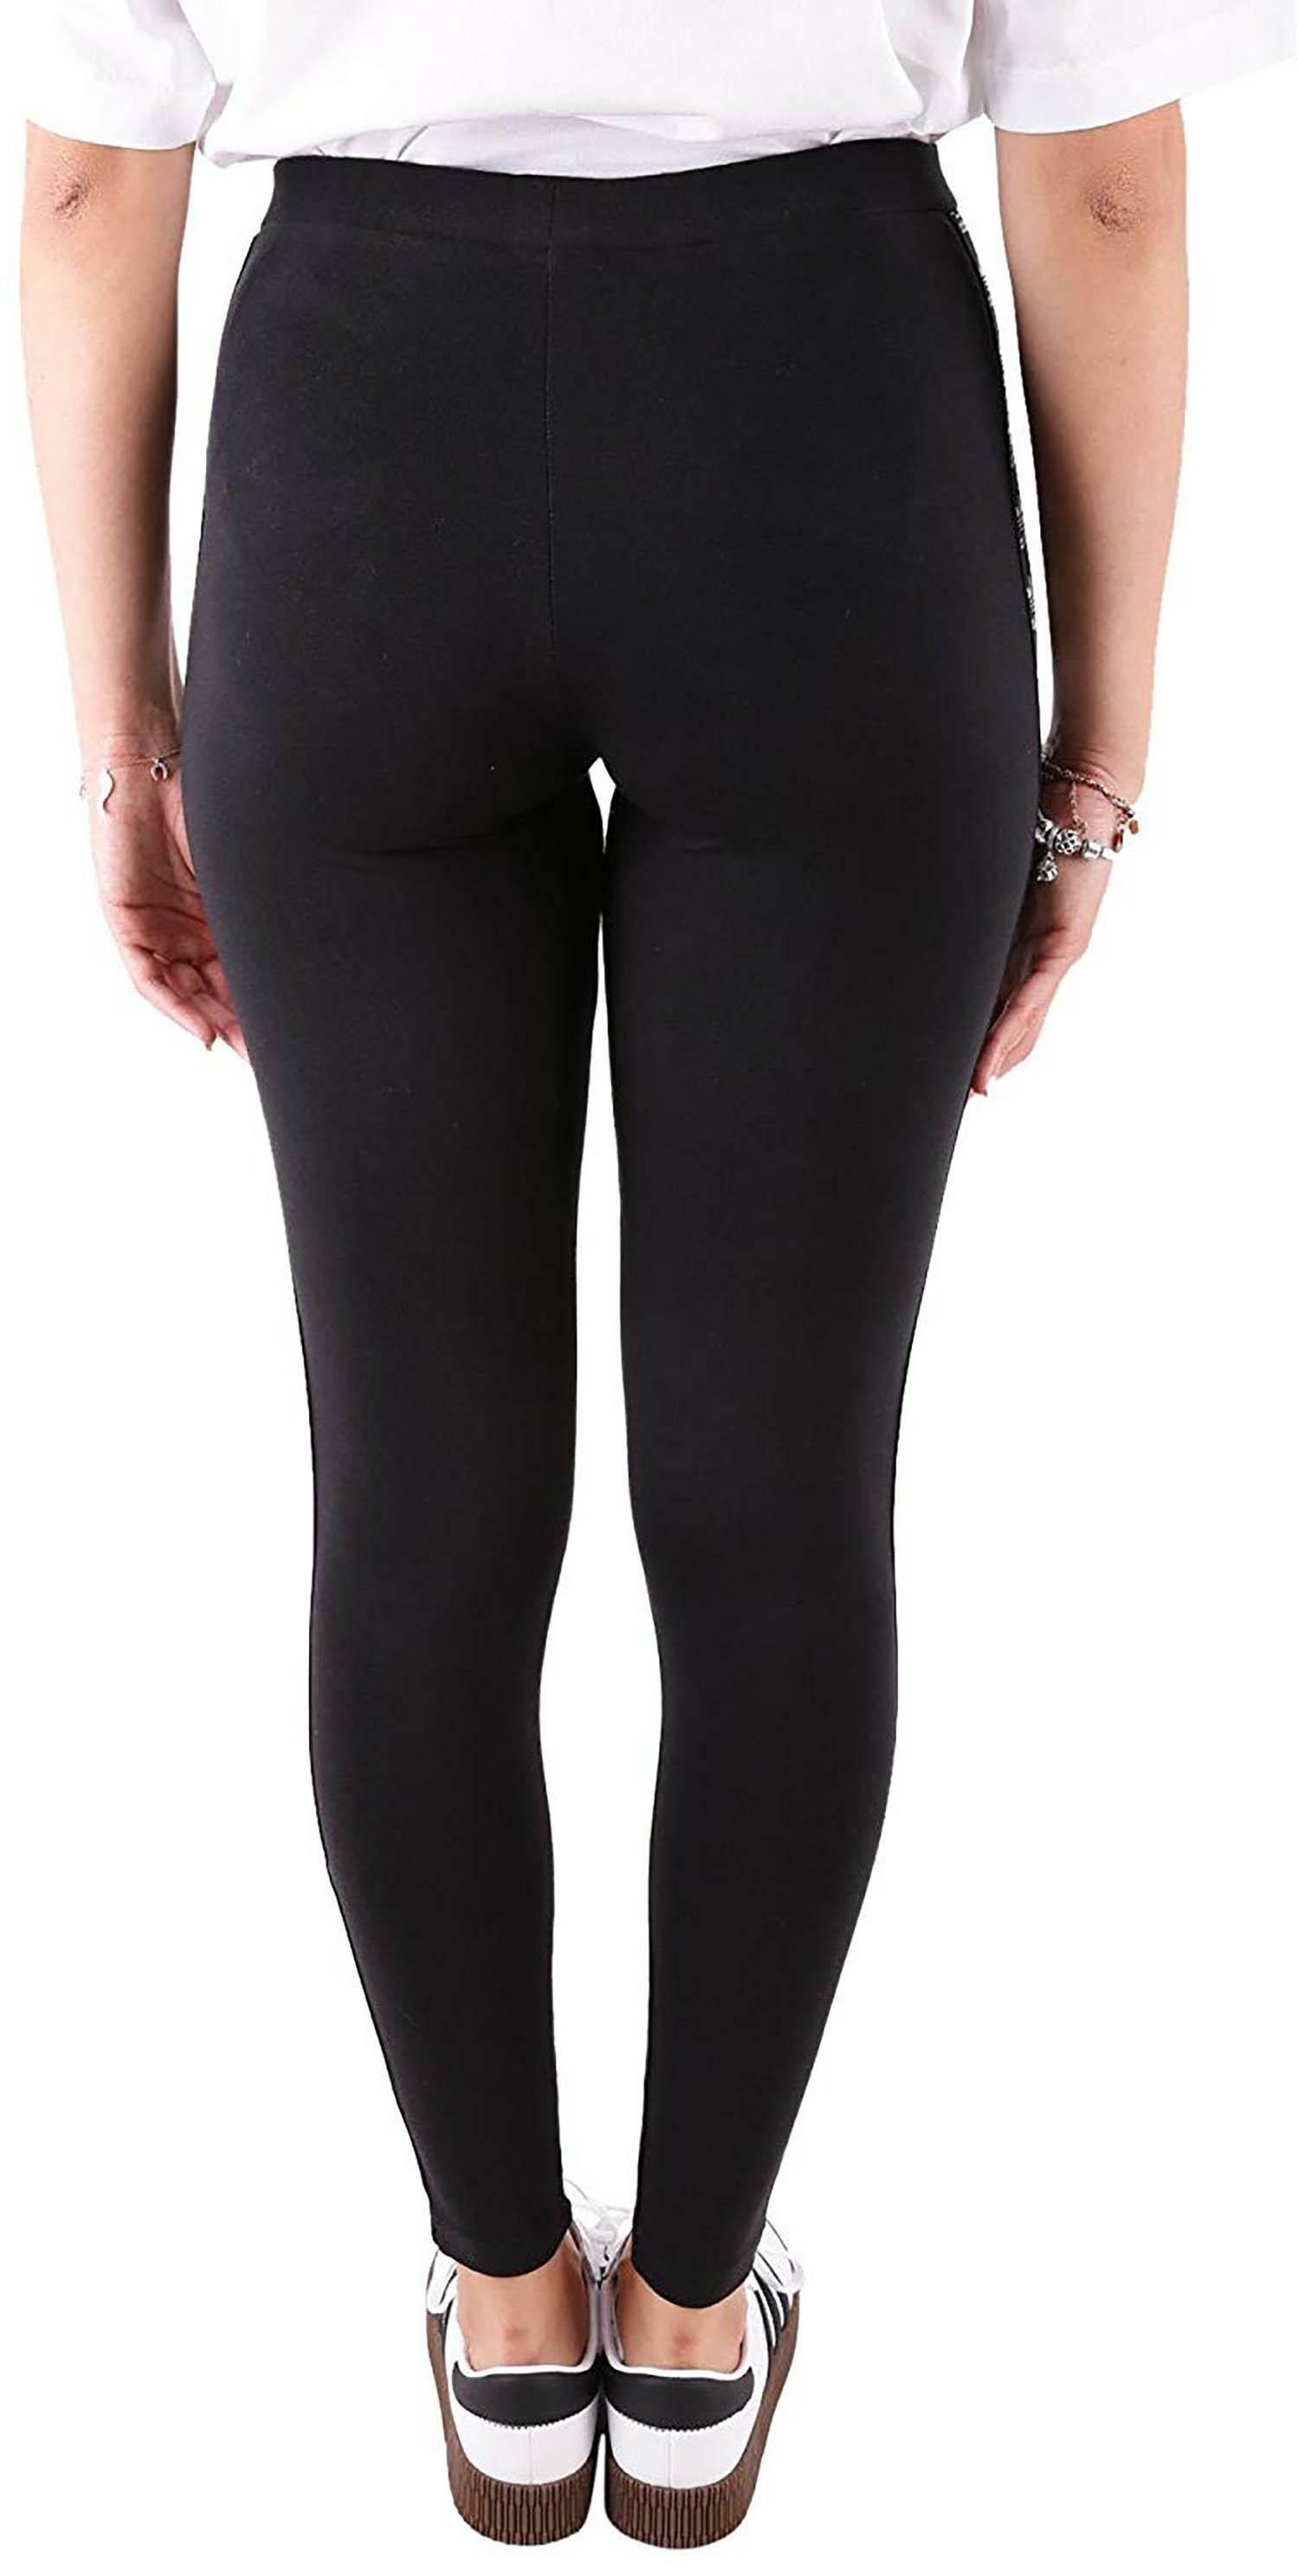 adidas adidas trf tight leggings donna neri dn8406